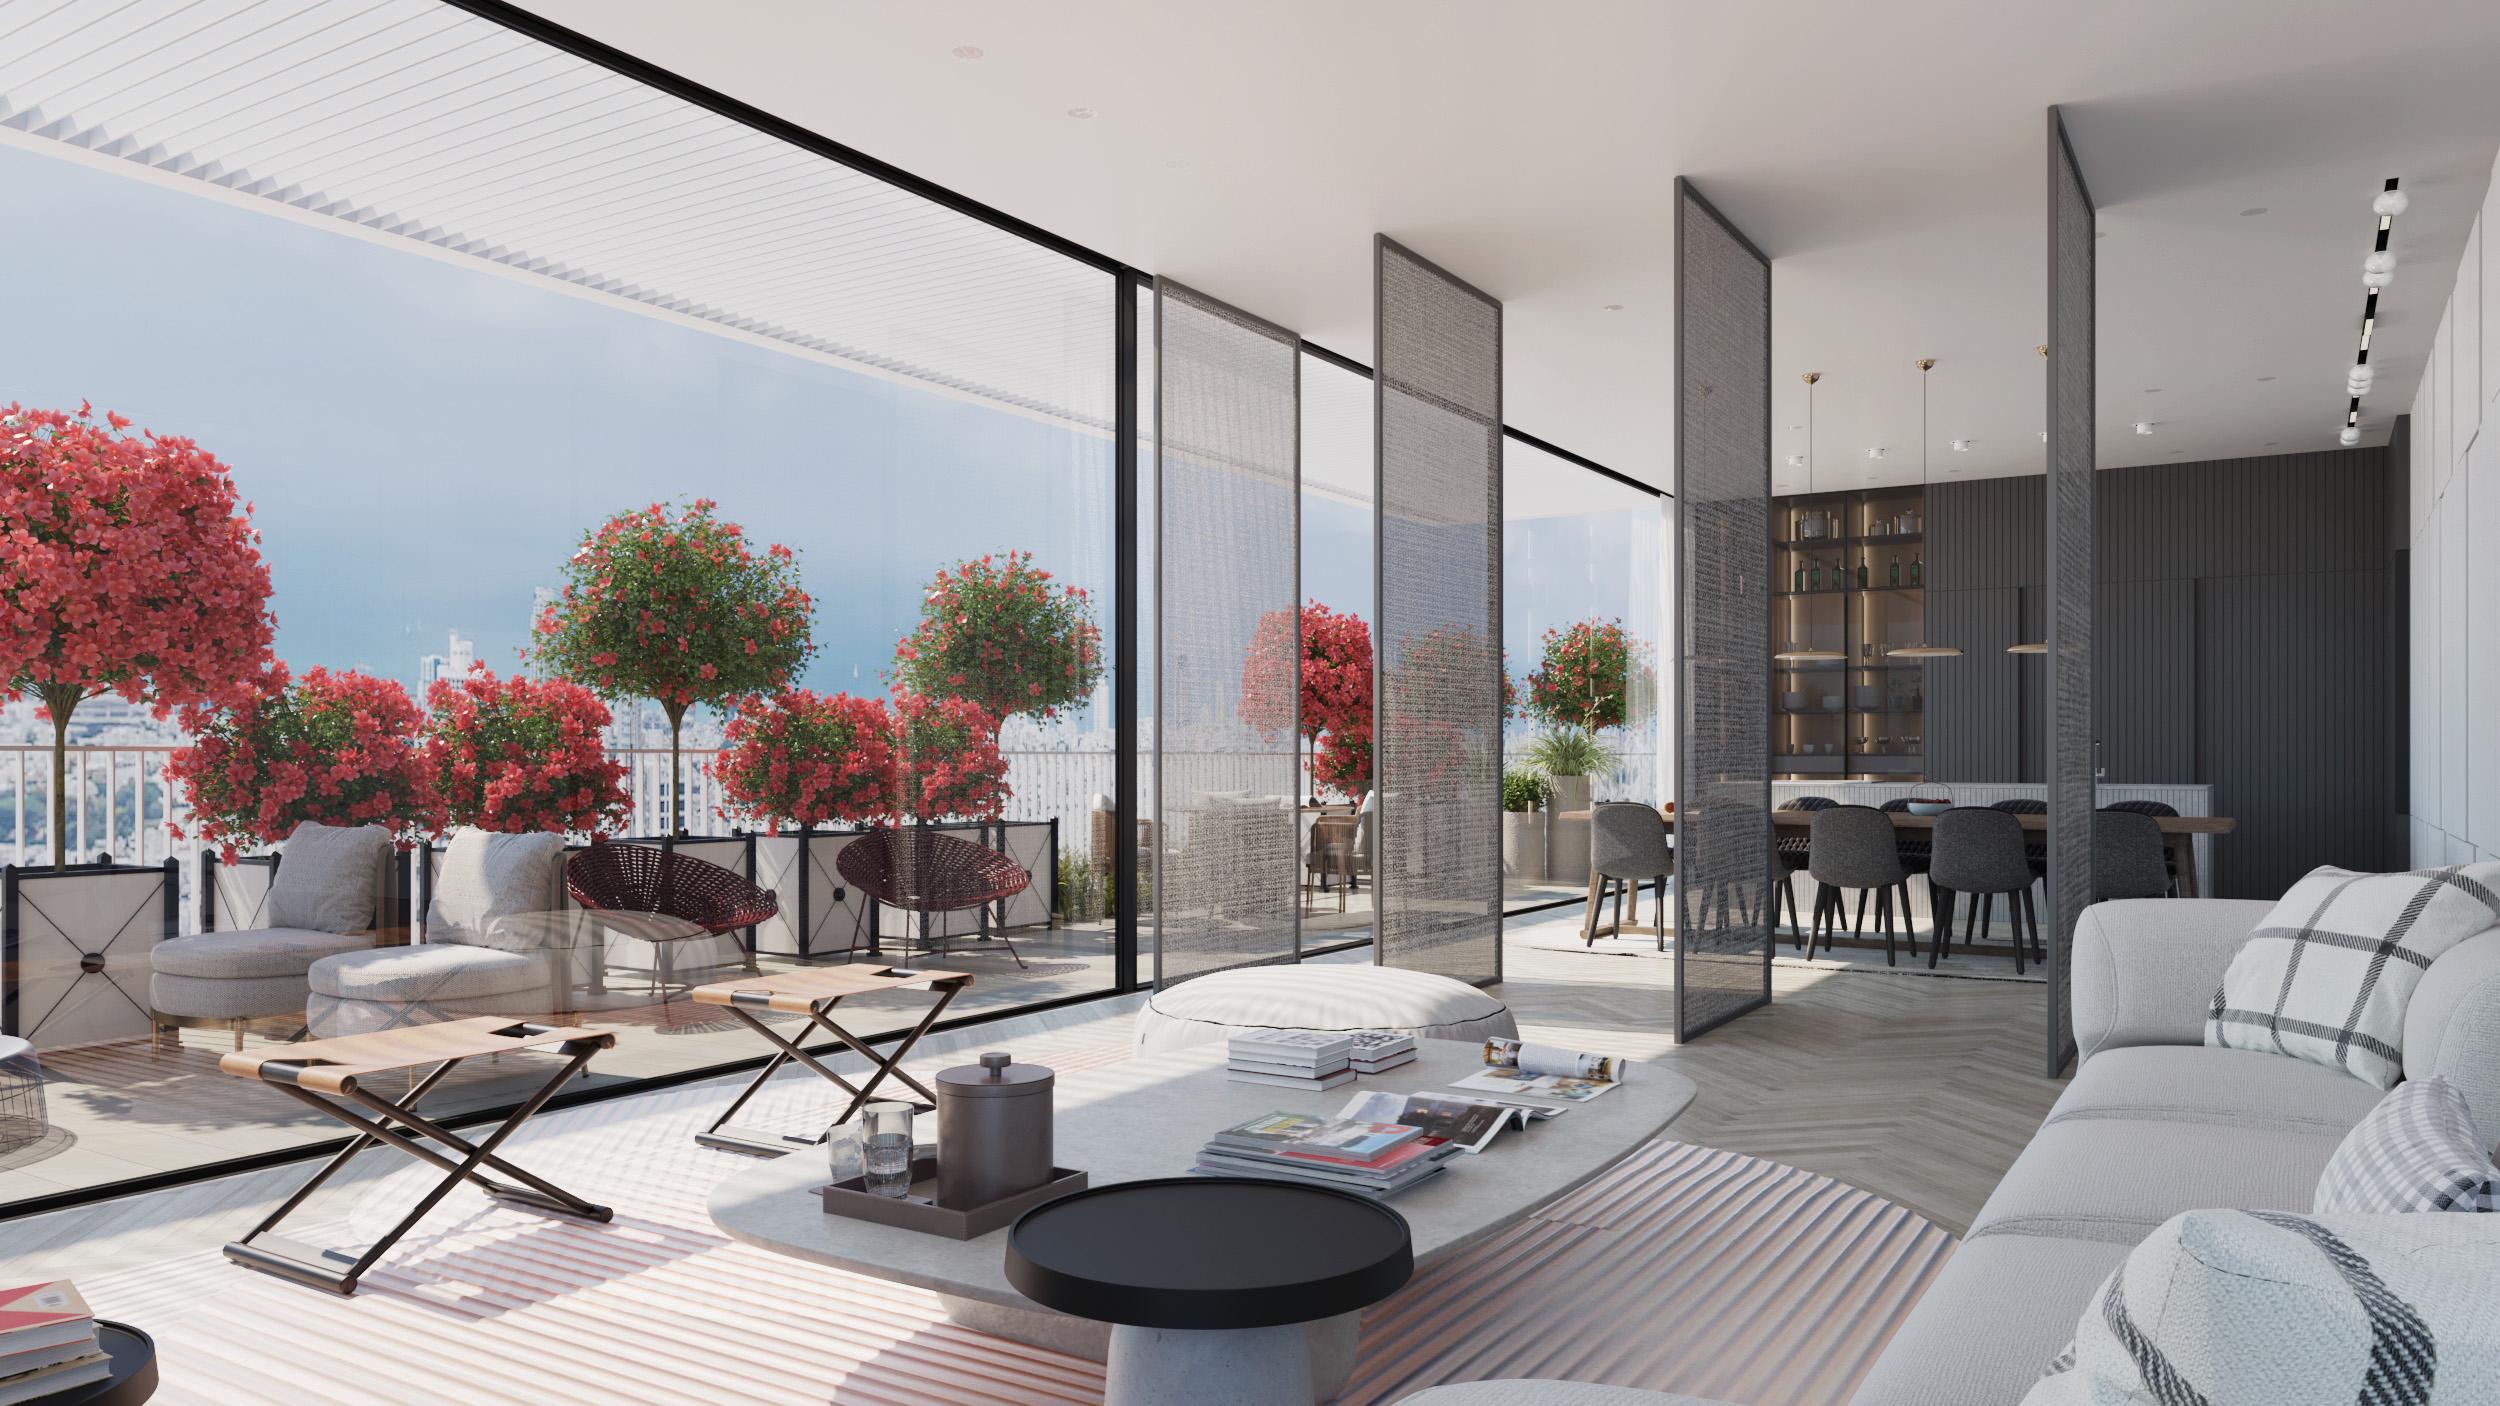 דירה יוקרתית מעוצבת בתל אביב